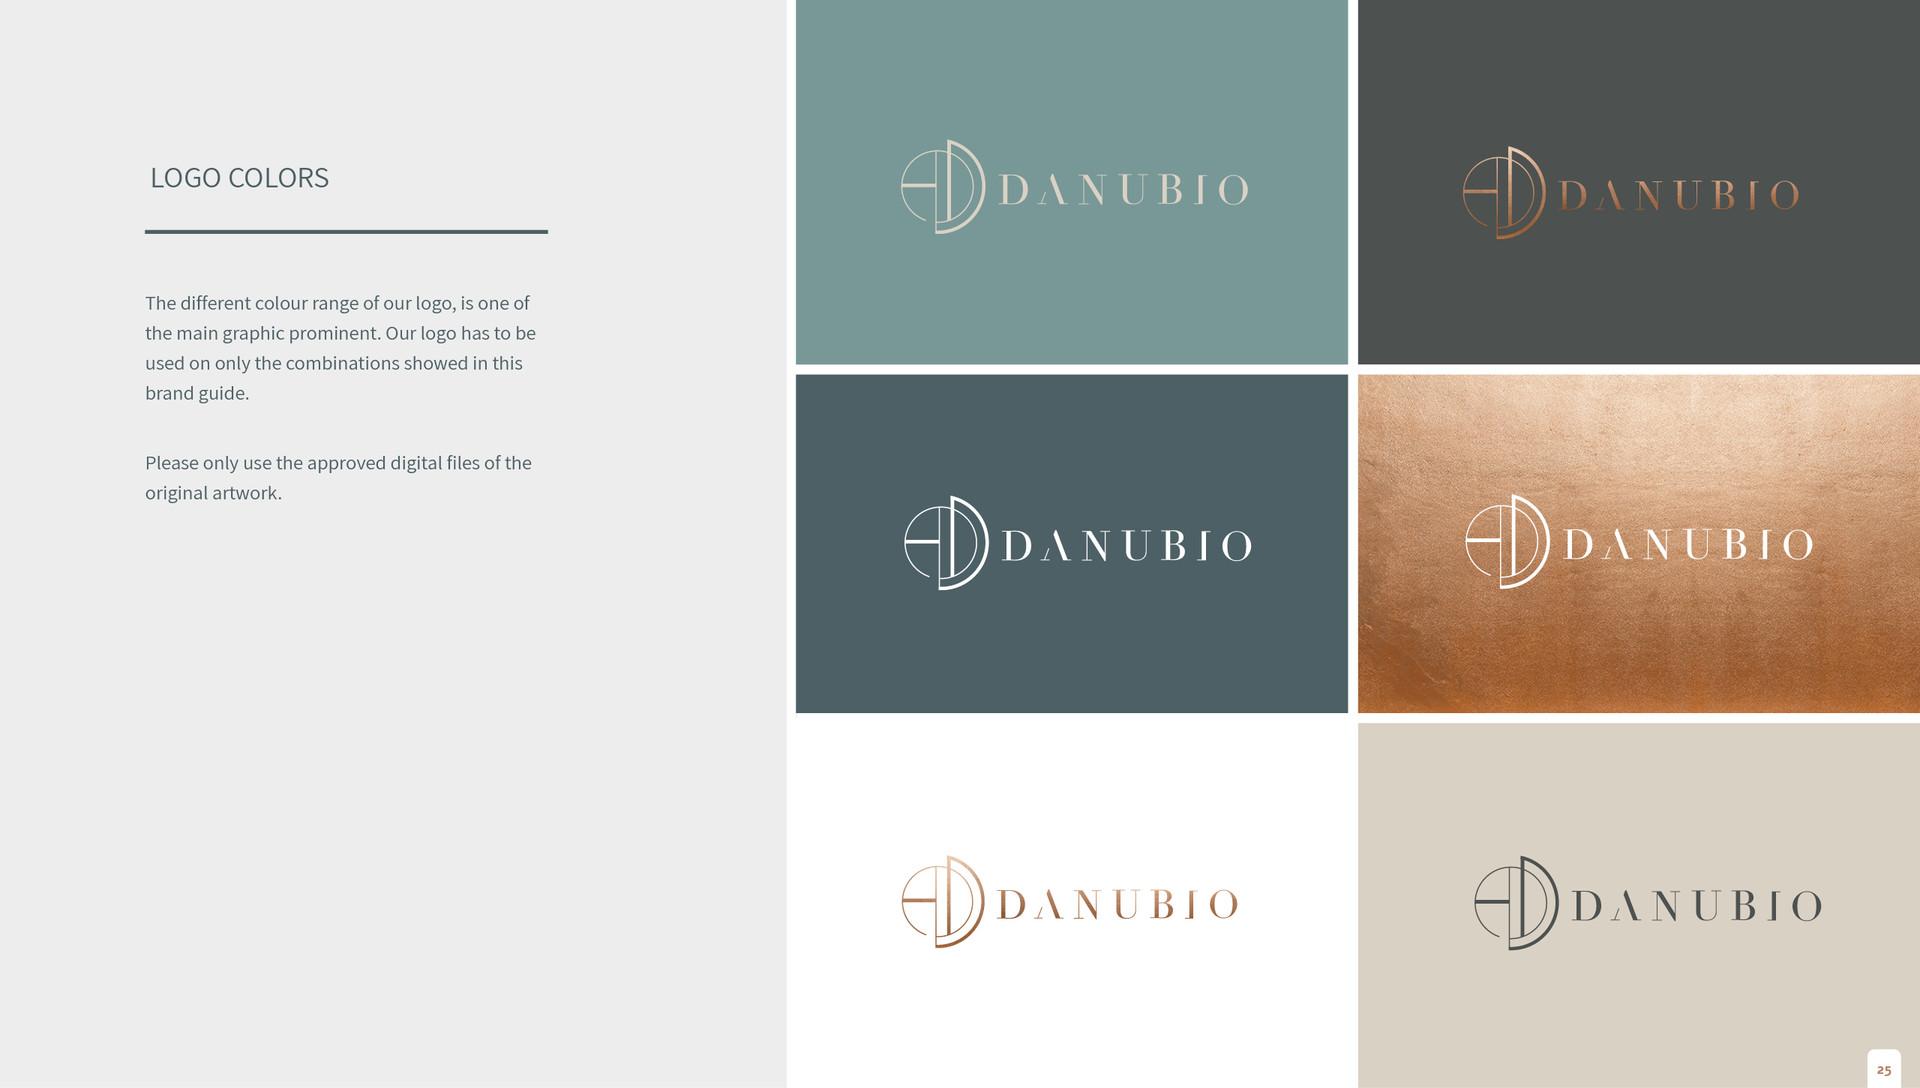 DANUBIO_BRAND_BOOK201925.jpg